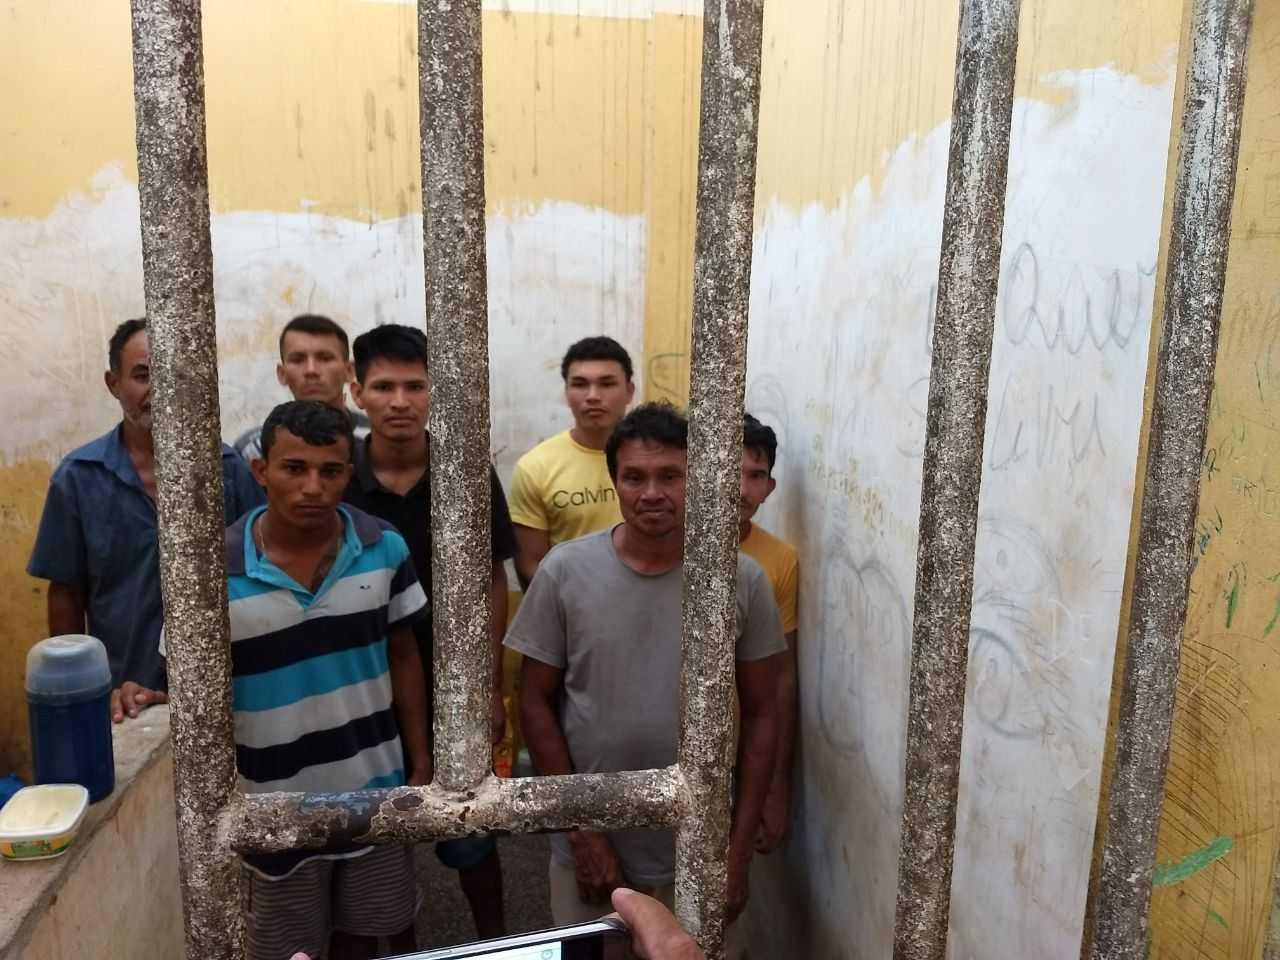 """Polícia deflagra operação """"Interior Seguro"""" em combate ao tráfico de drogas e """"piratas do rio"""" - Imagem: Divulgação"""